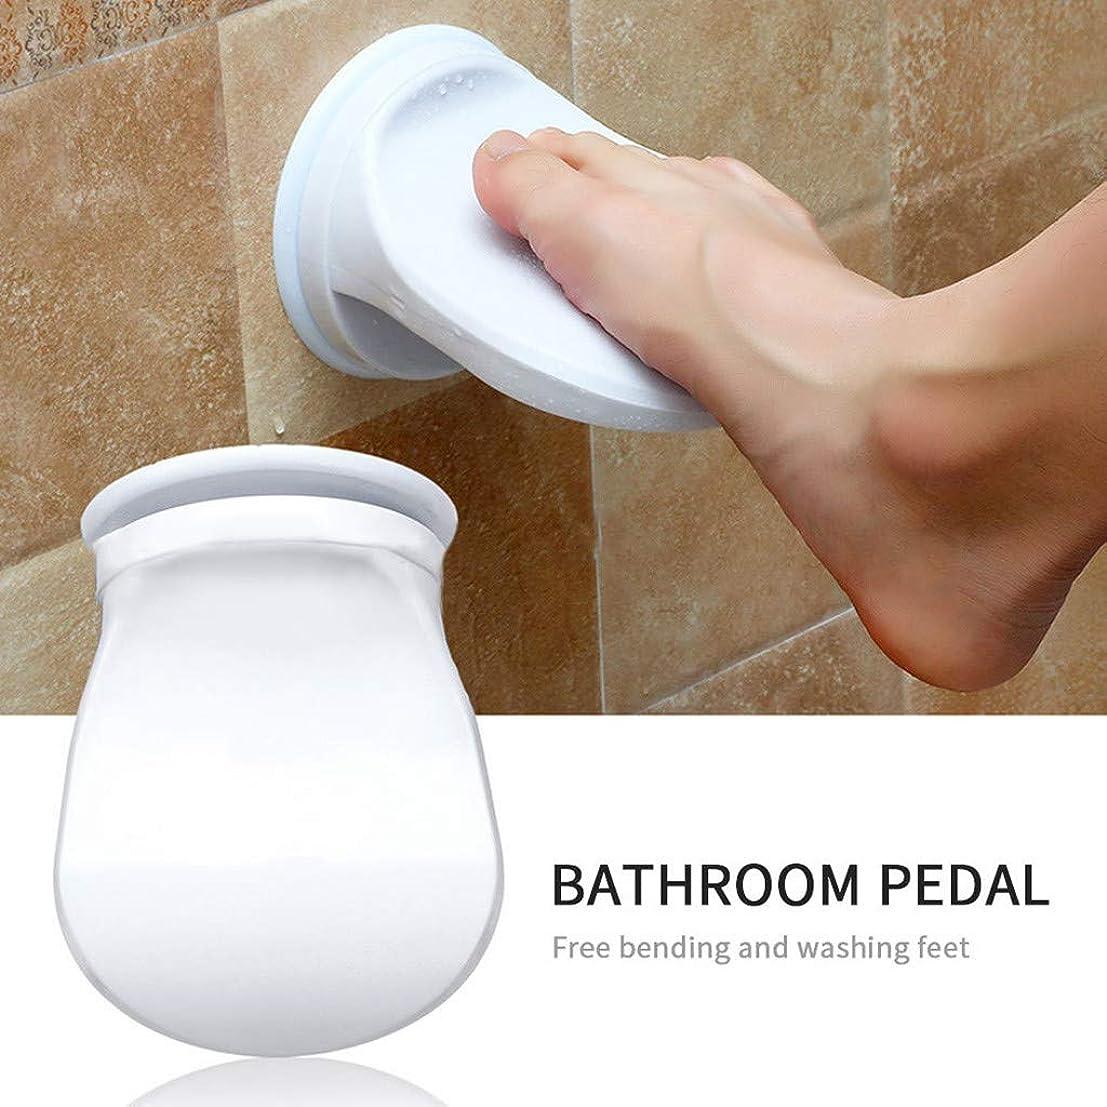 おかしいカップパートナーシャワーフットレスト,Tichan 洗濯シェービングレッグバスルームシャワー節約フットレストノンスリップ吸引カップ